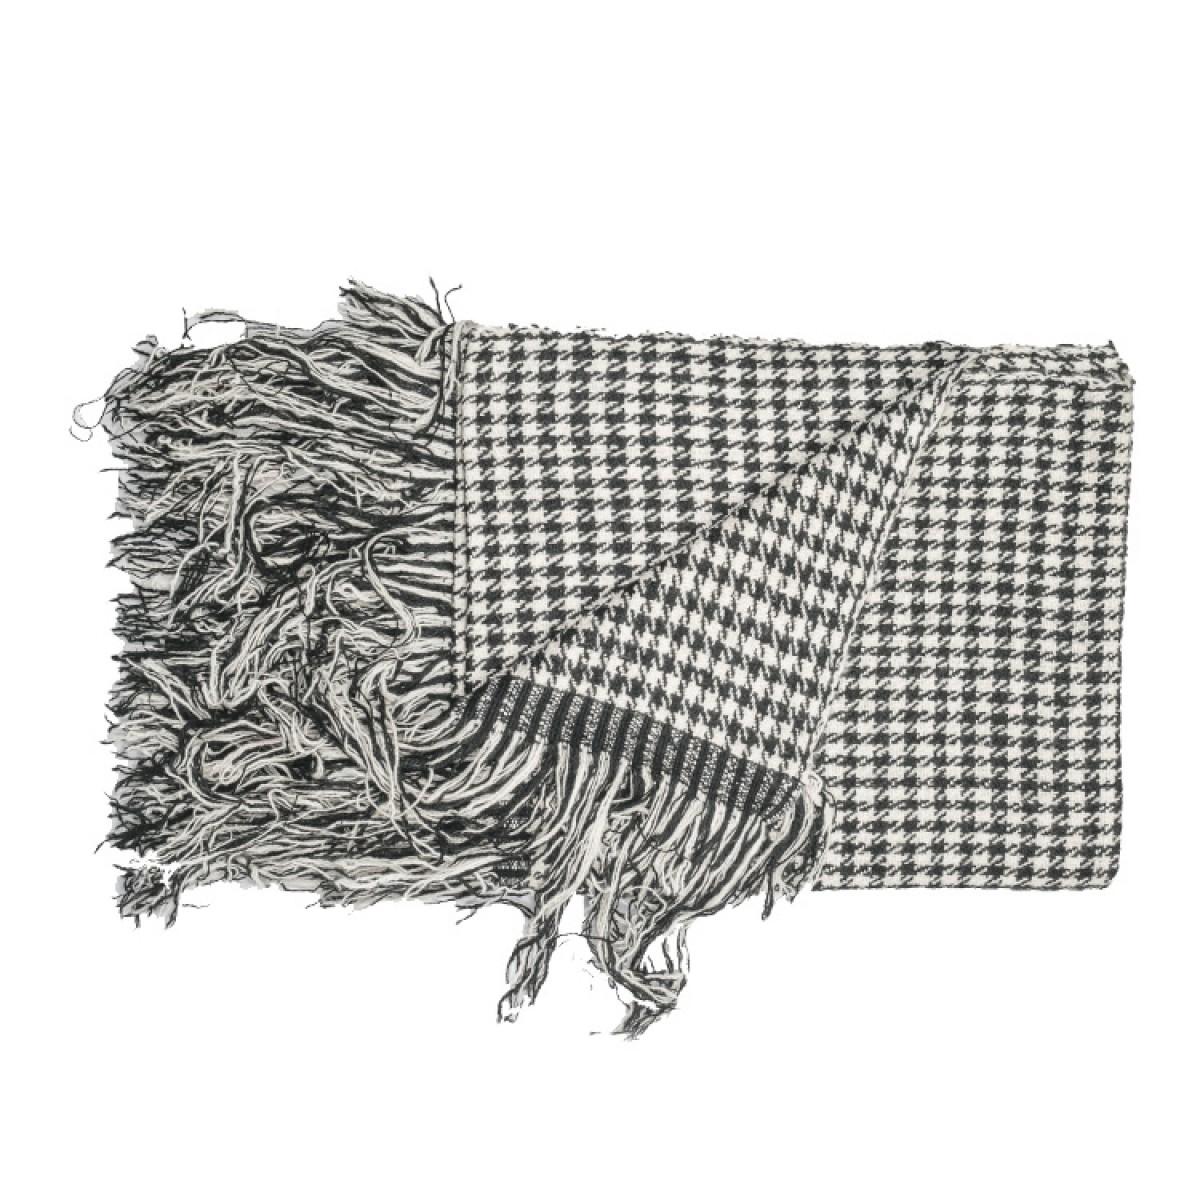 Black & White Herringbone Weave Cashmere Blanket